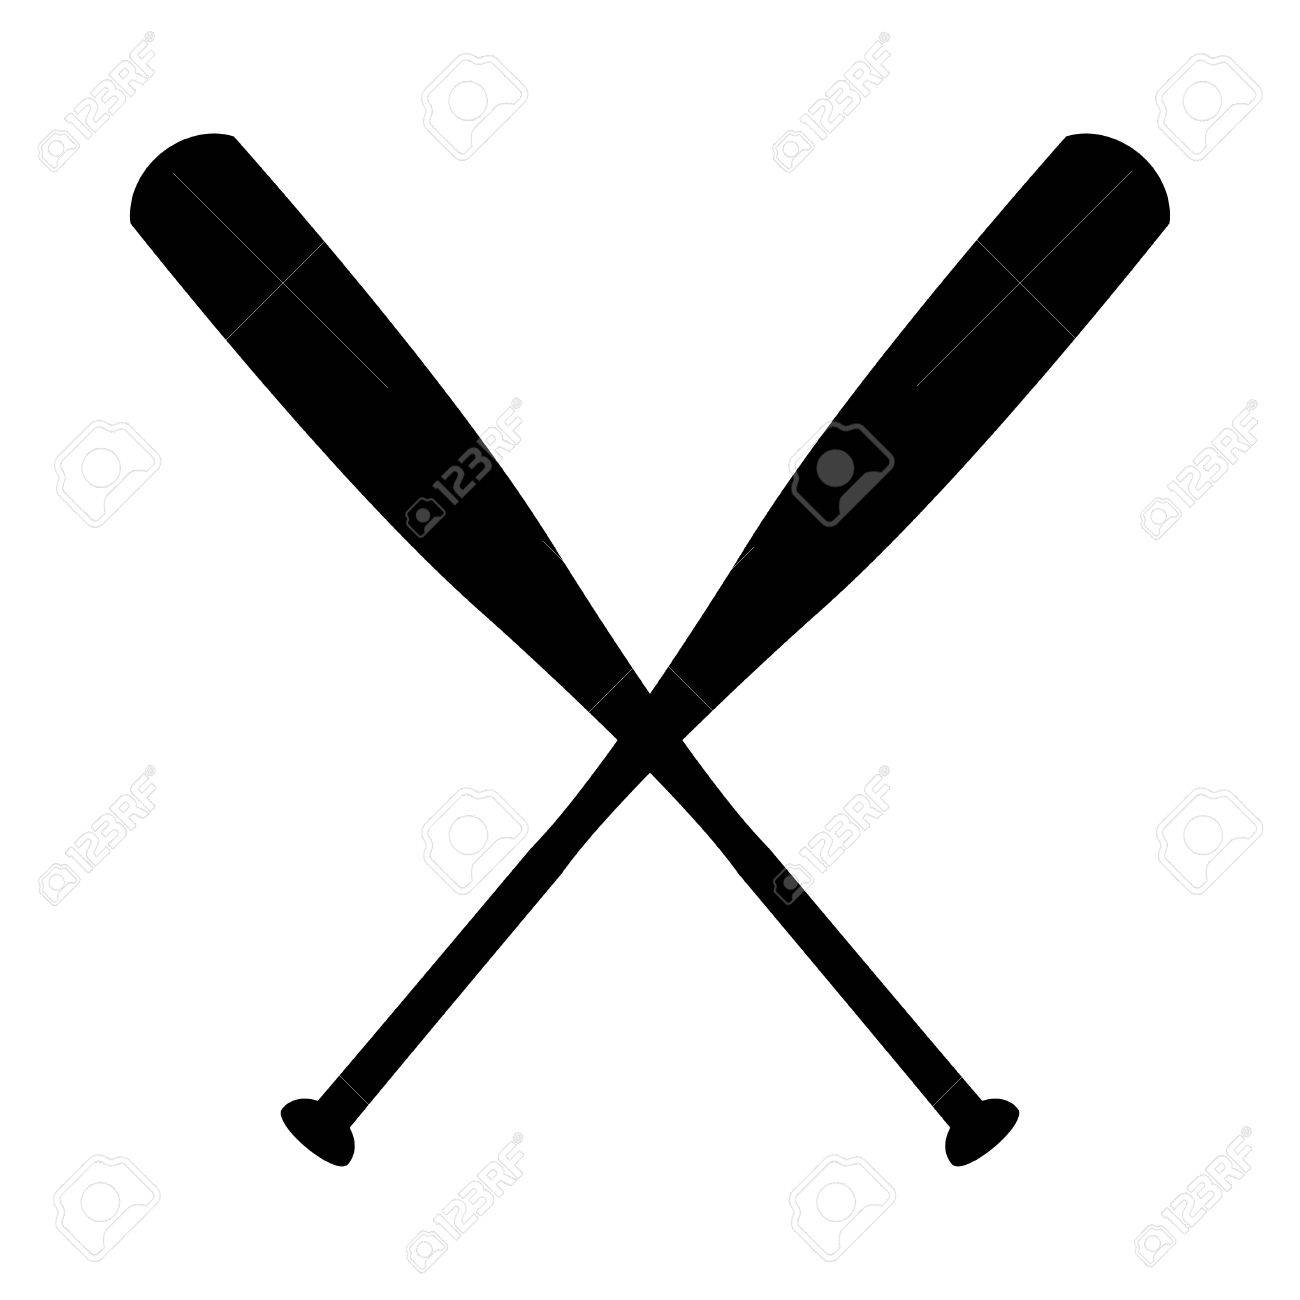 baseball bat vector icon royalty free cliparts vectors and stock rh 123rf com baseball bat vector free baseball bat vector silhouette